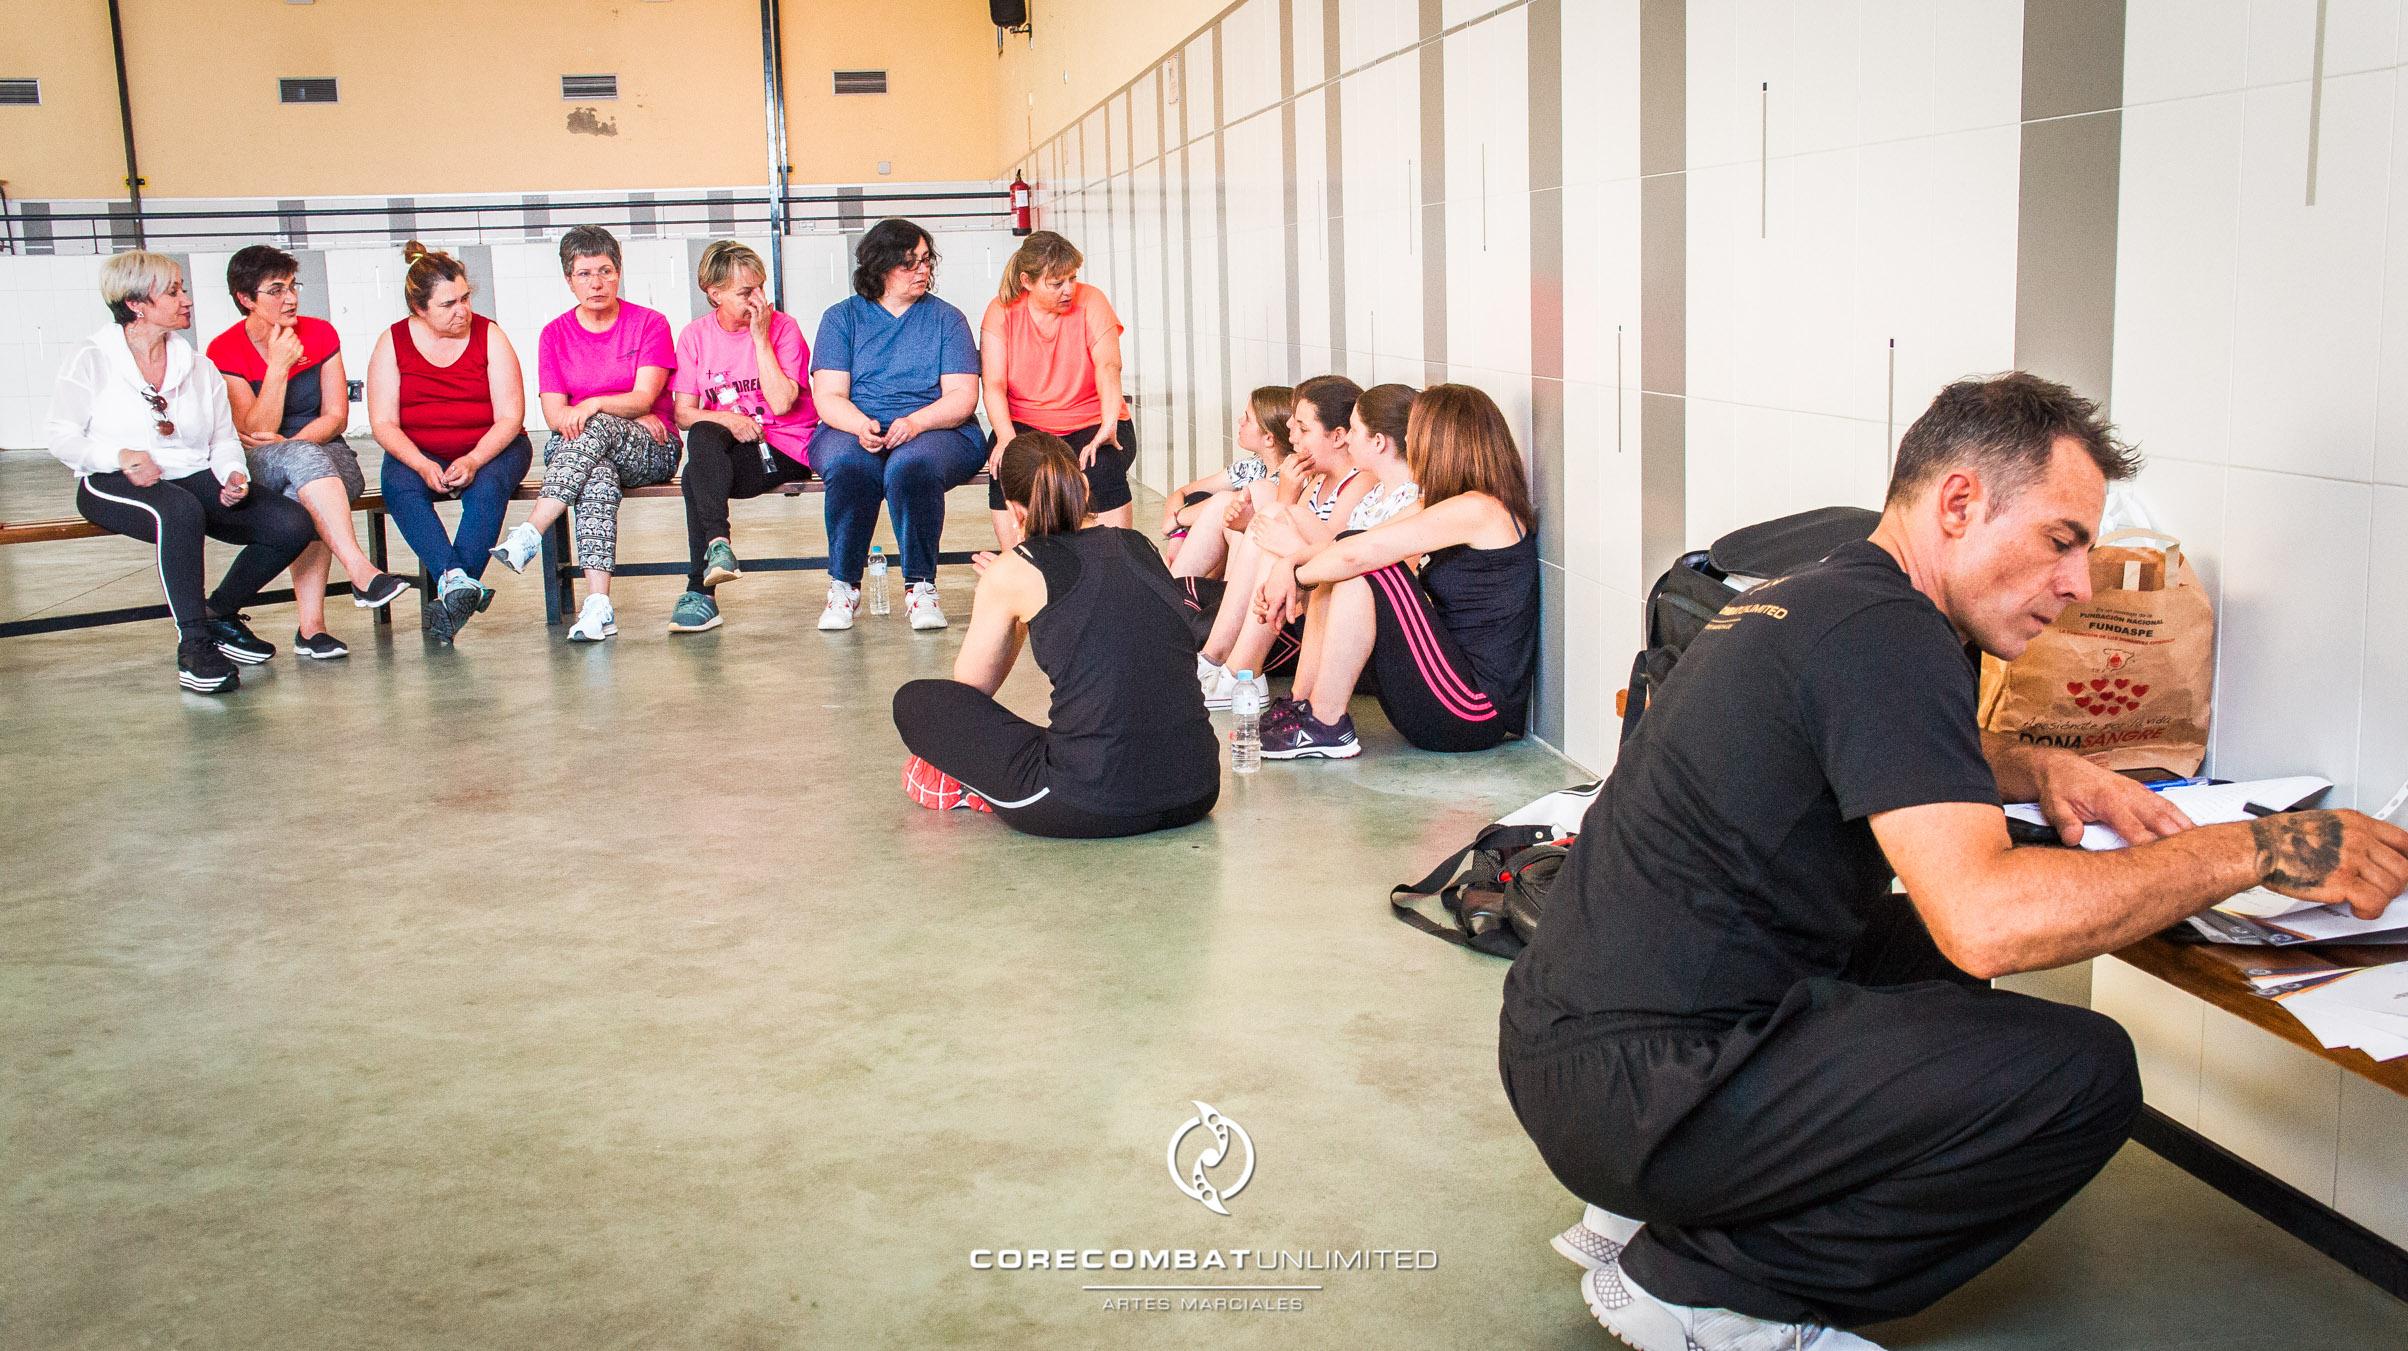 curso-defensa-personal-para-mujeres-zamora-coreses-artes-marciales-zamora-core-combat-salamanca-valladolid-leon-madrid-44